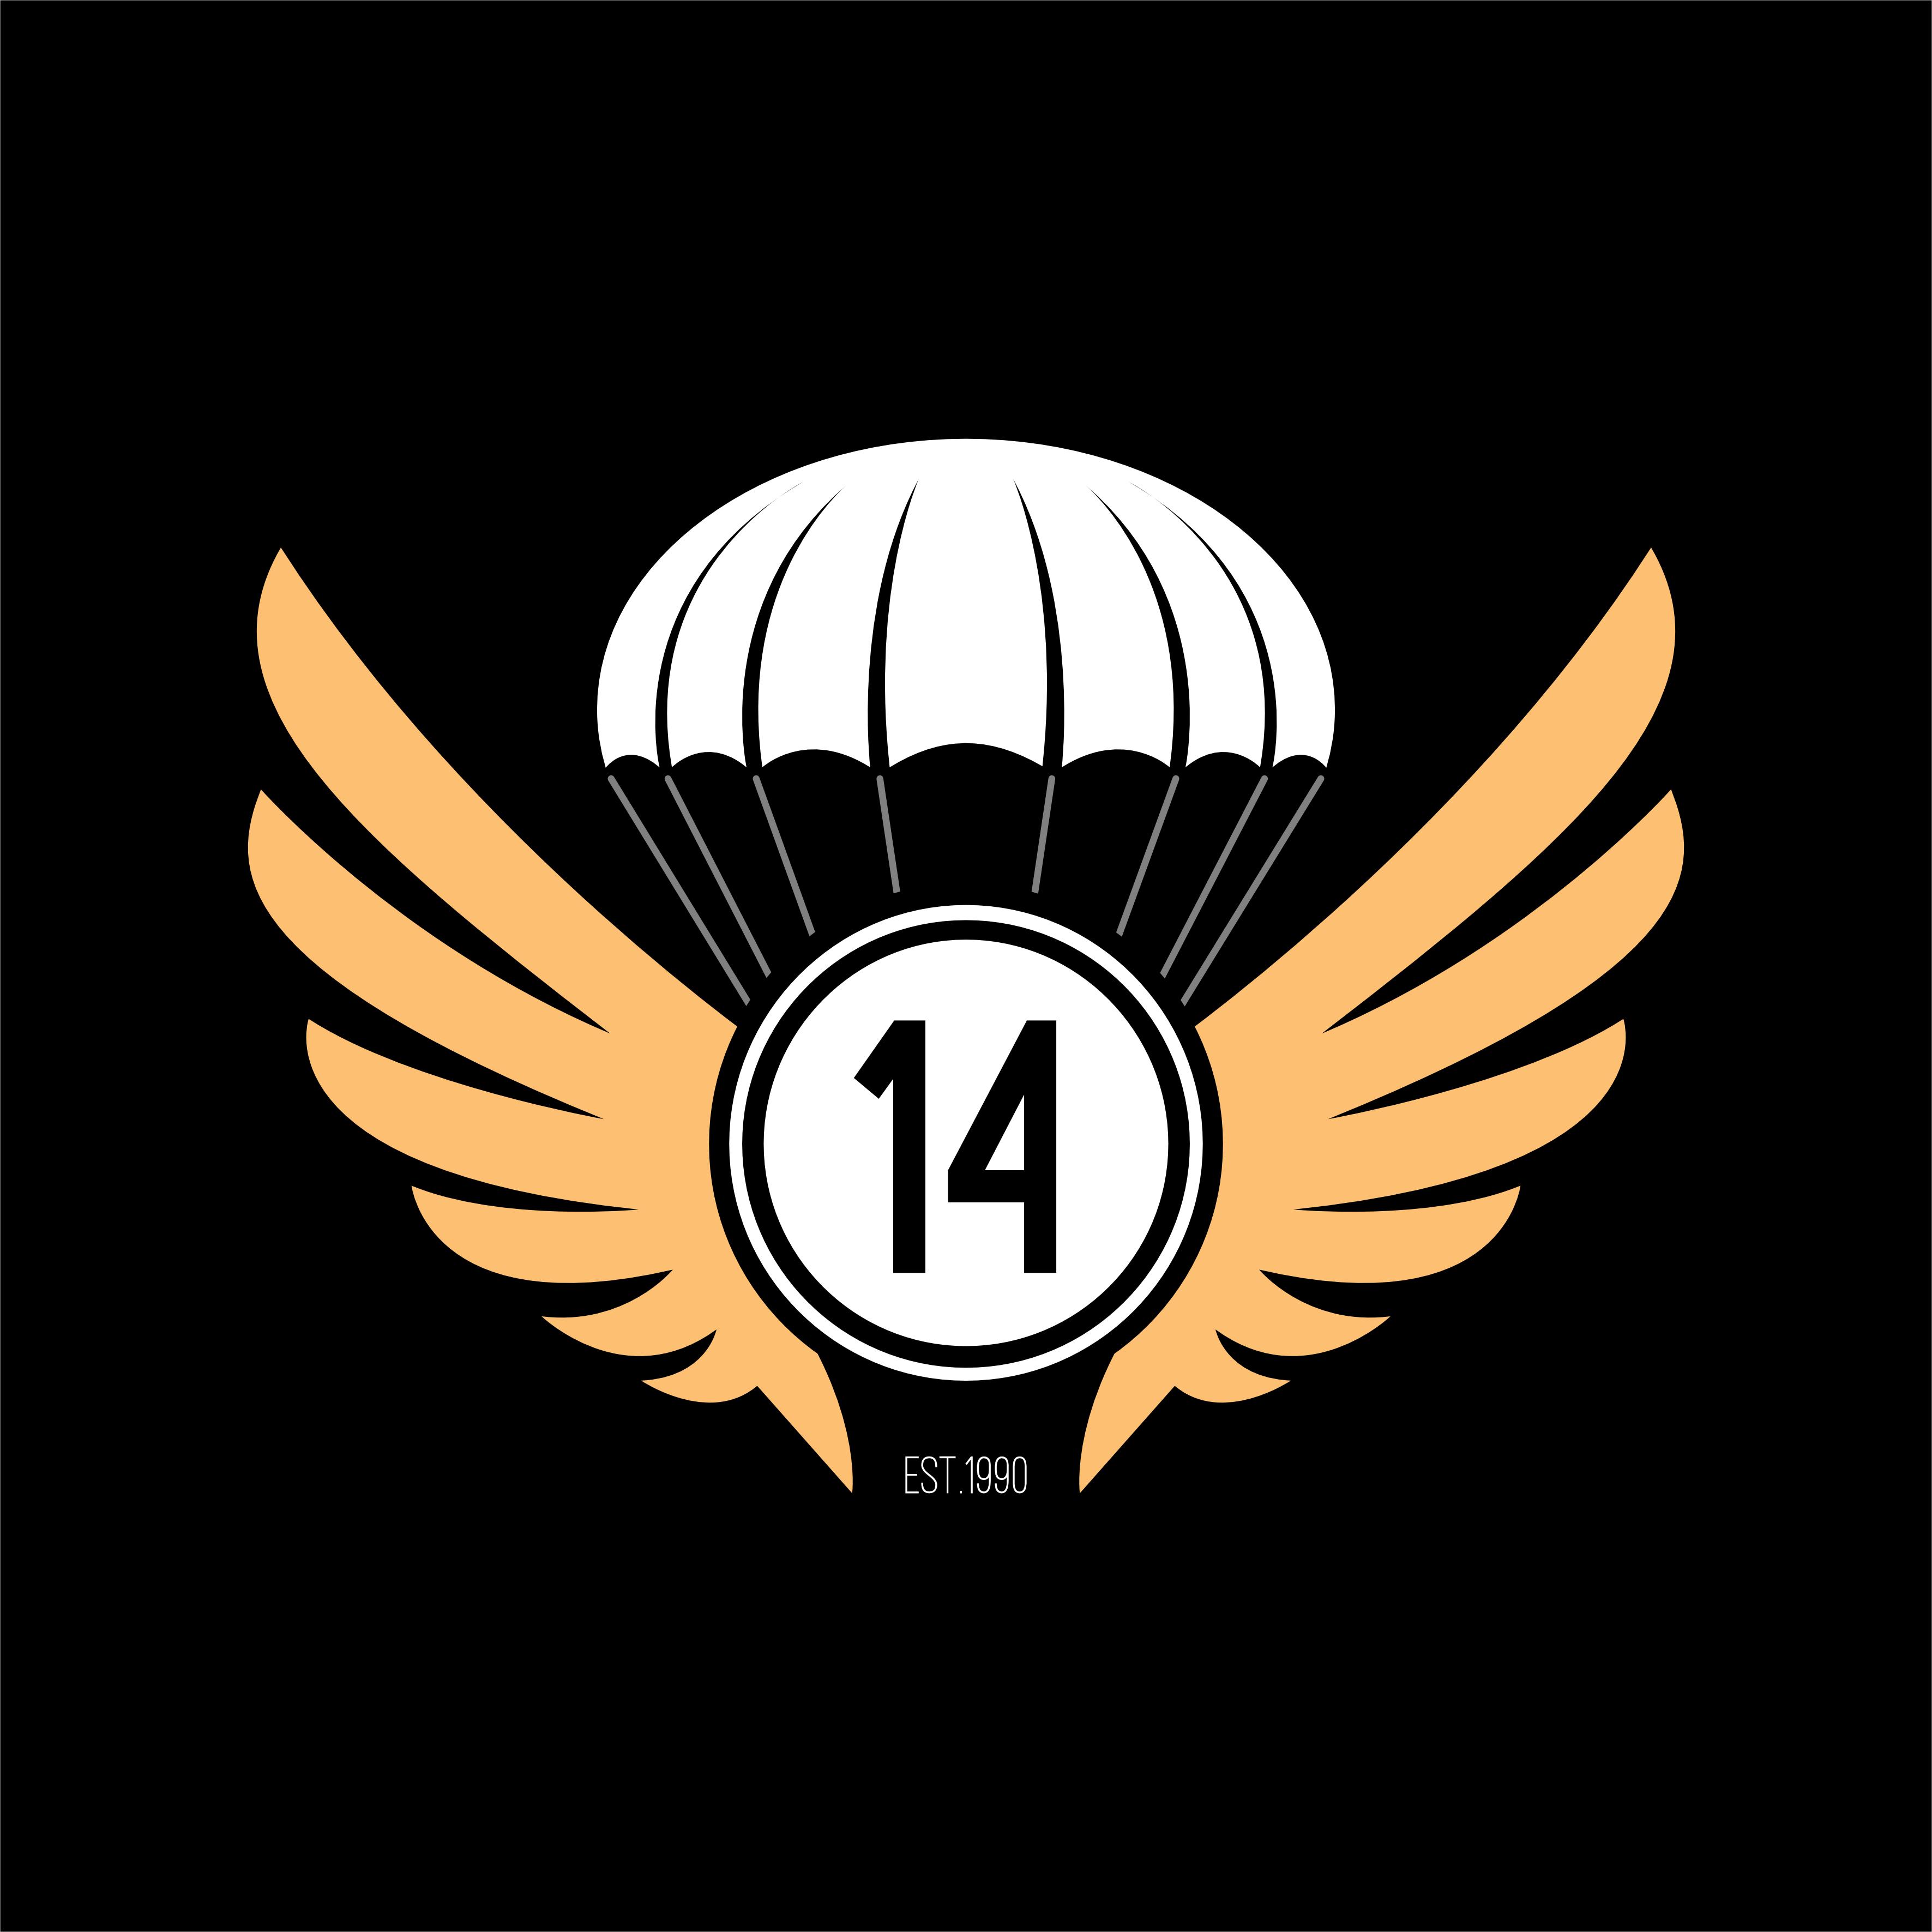 Platoon 14